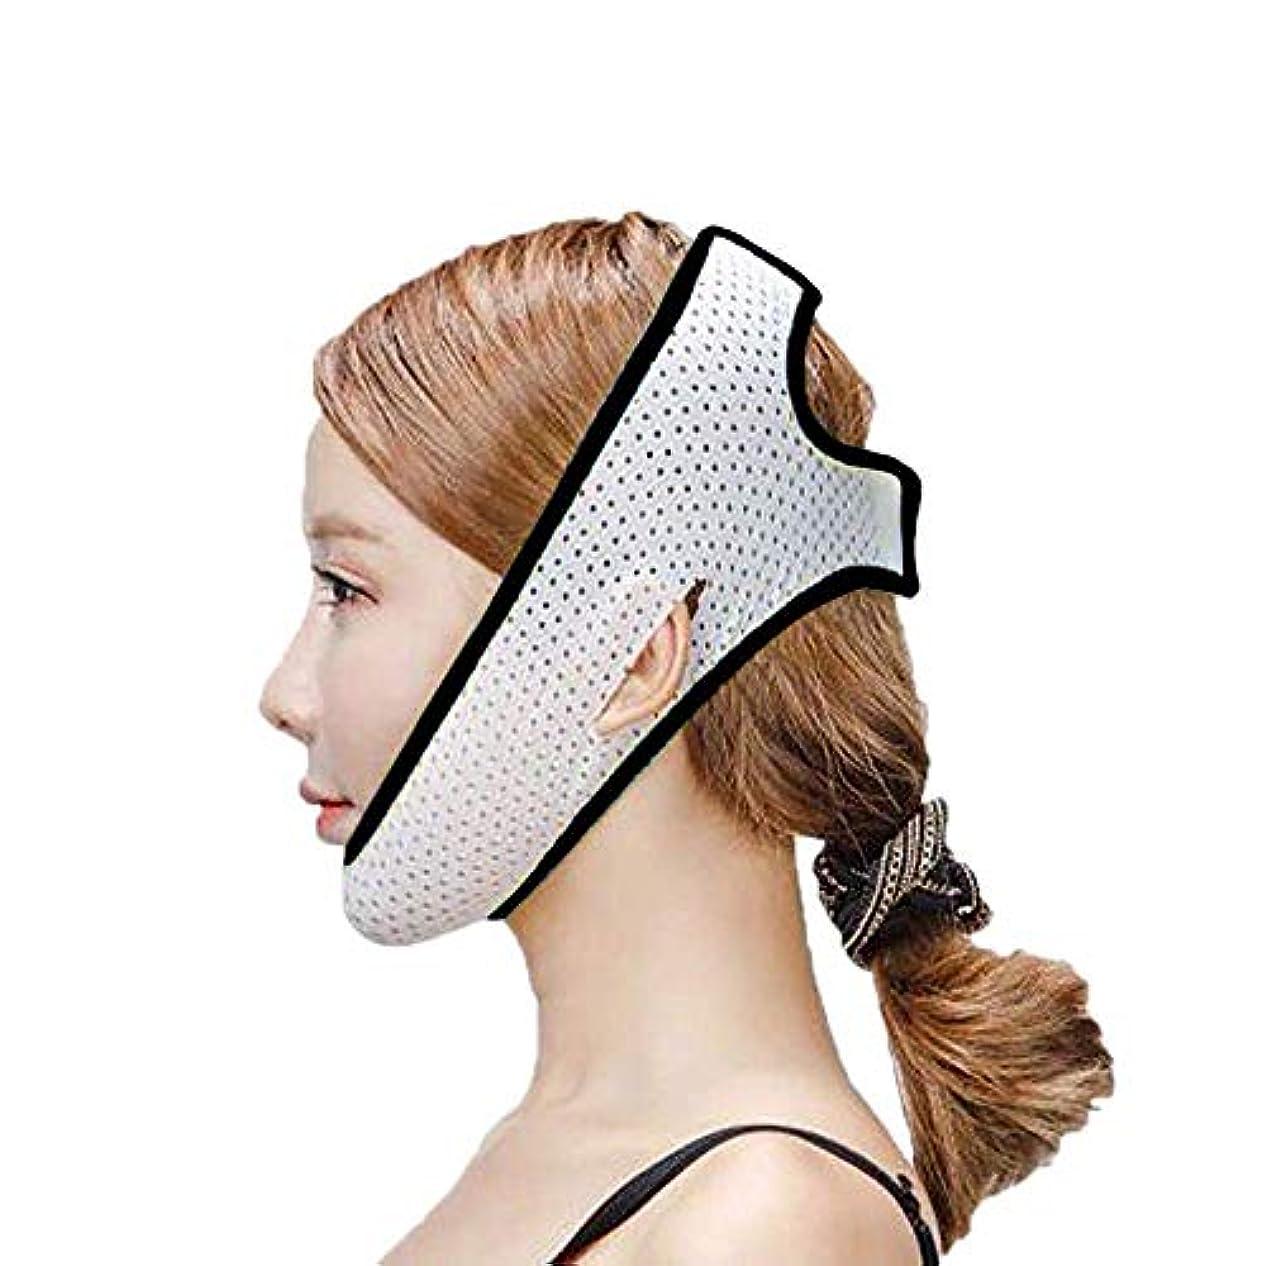 楕円形構築する無数のフェイスリフトマスク、ダブルチンストラップ、フェイシャル減量マスク、フェイシャルダブルチンケアスリミングマスク、リンクルマスク(フリーサイズ)(カラー:ブラック),ブラック